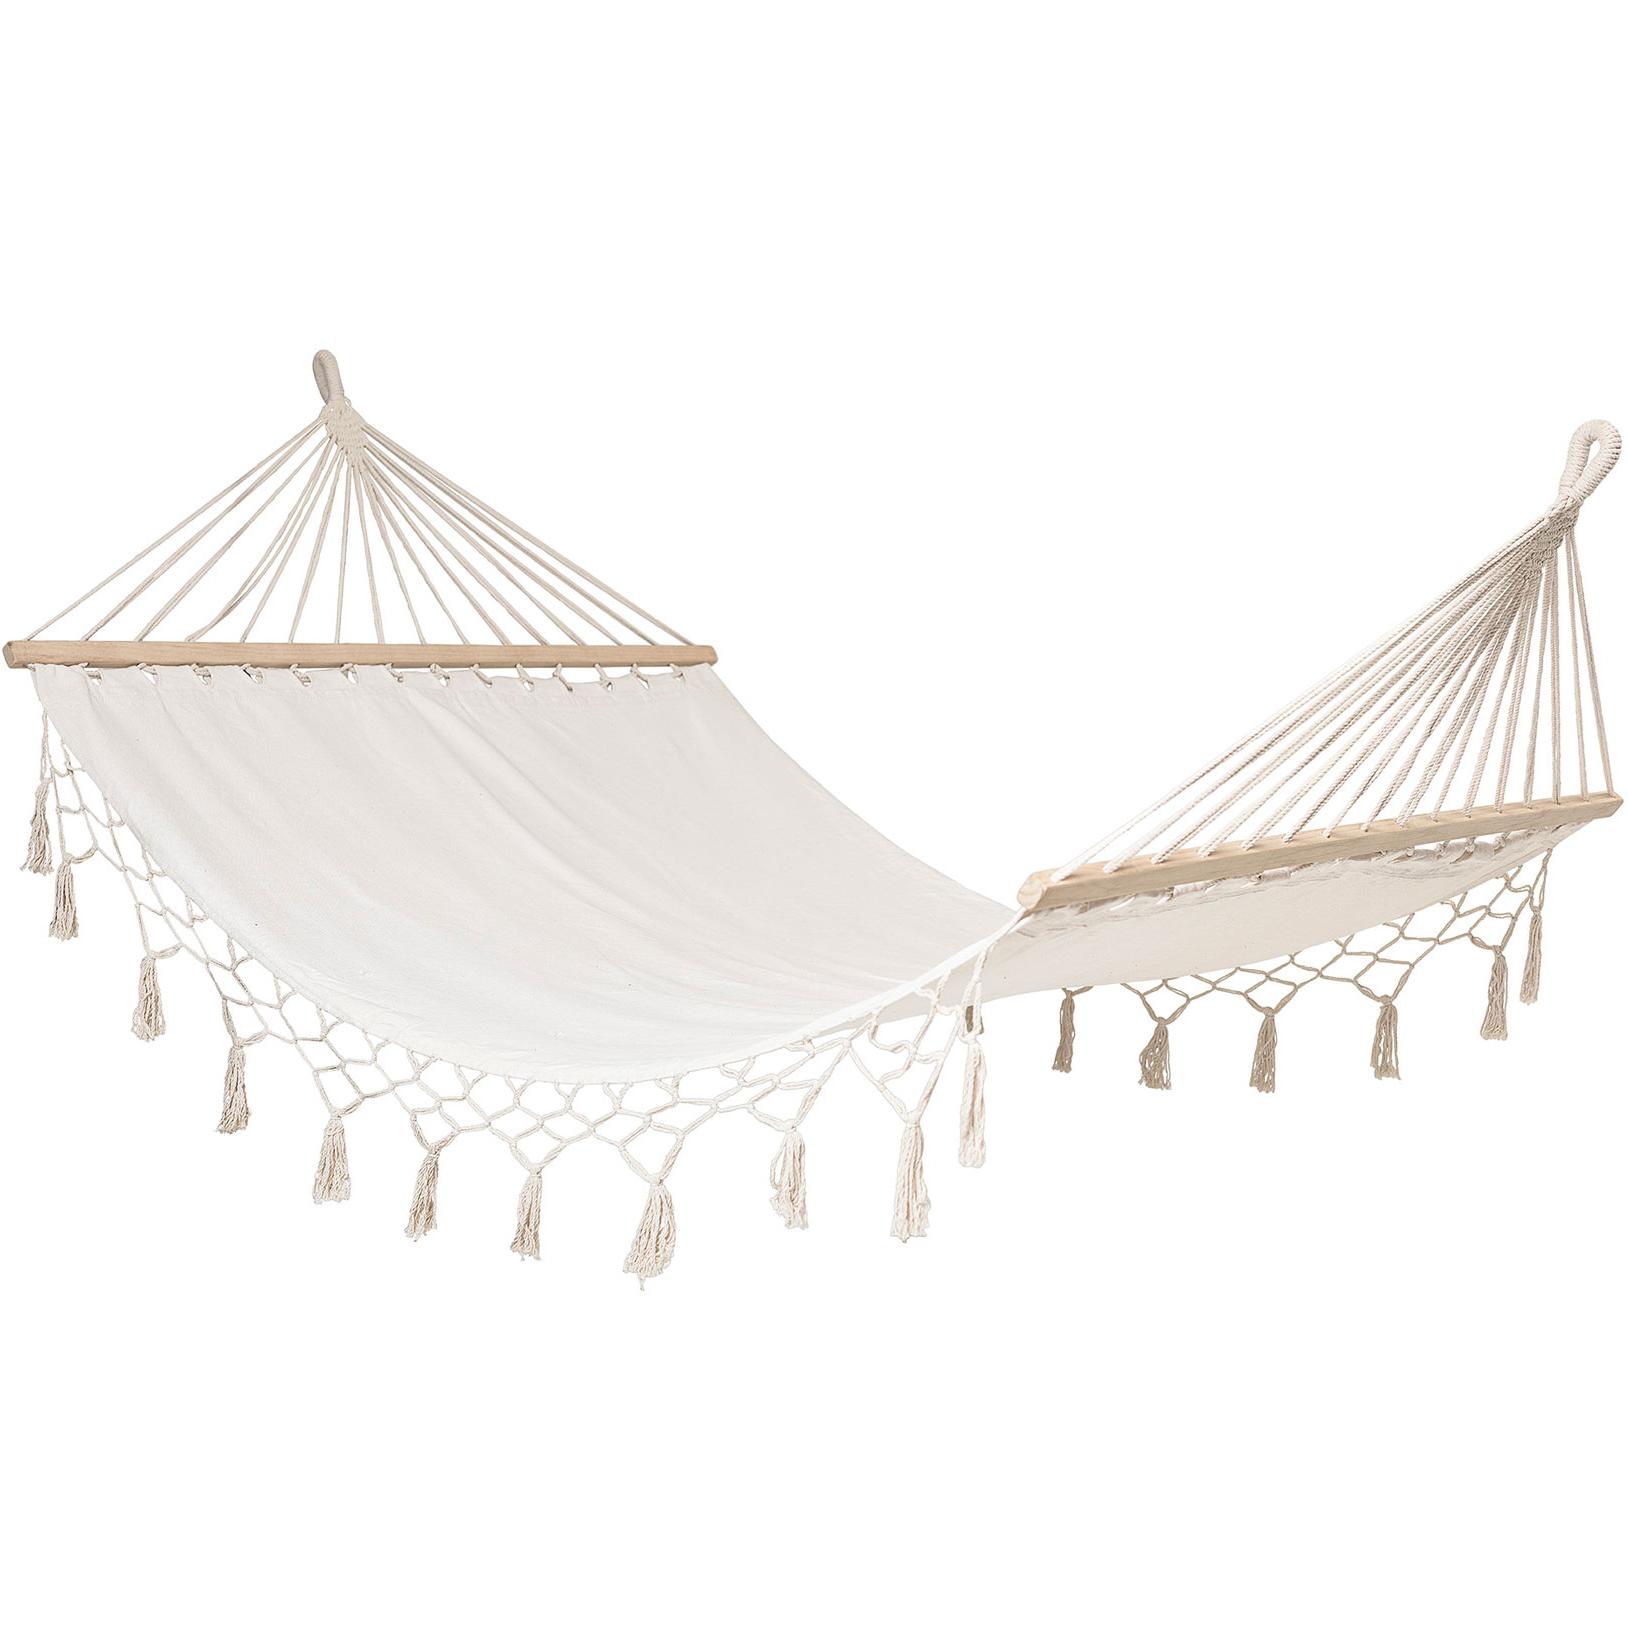 Cama de rede c/franjas, branco, 190x105